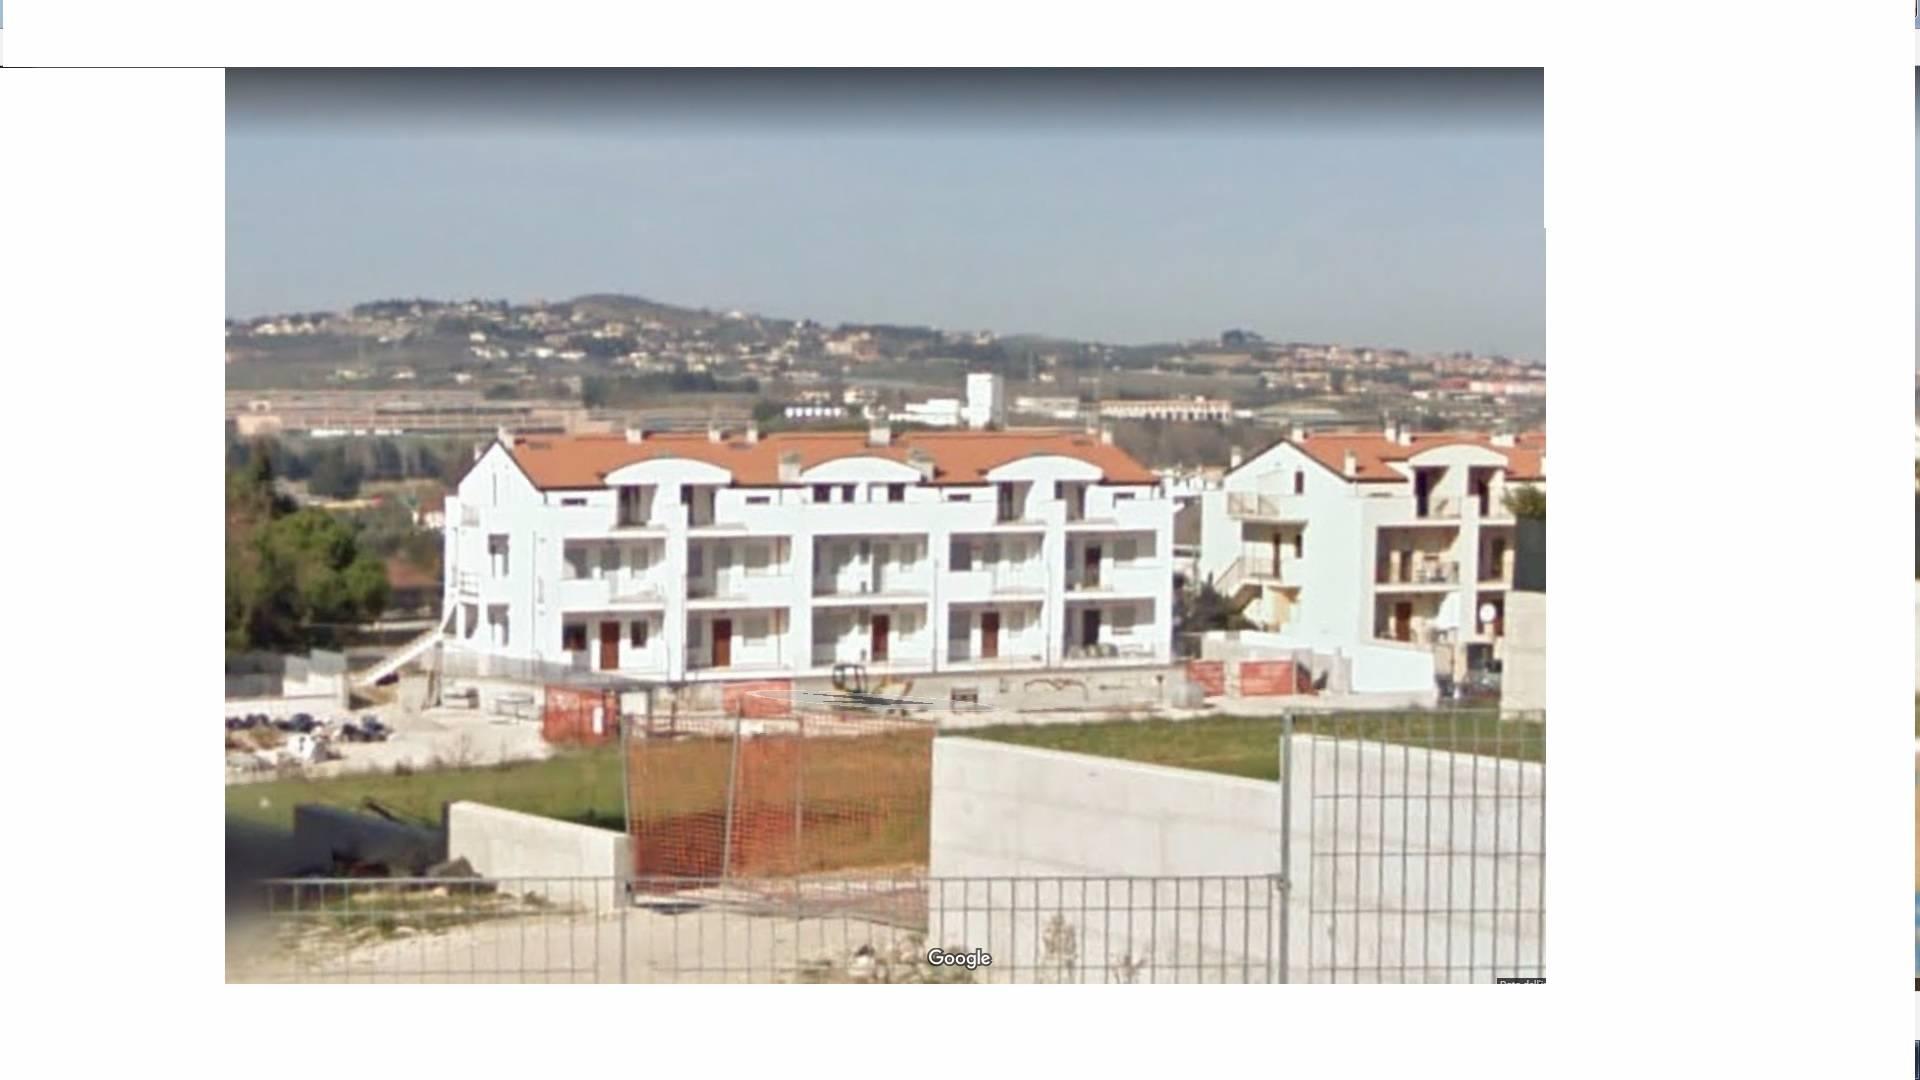 Appartamento in vendita a Montesilvano, 2 locali, prezzo € 22.600 | CambioCasa.it